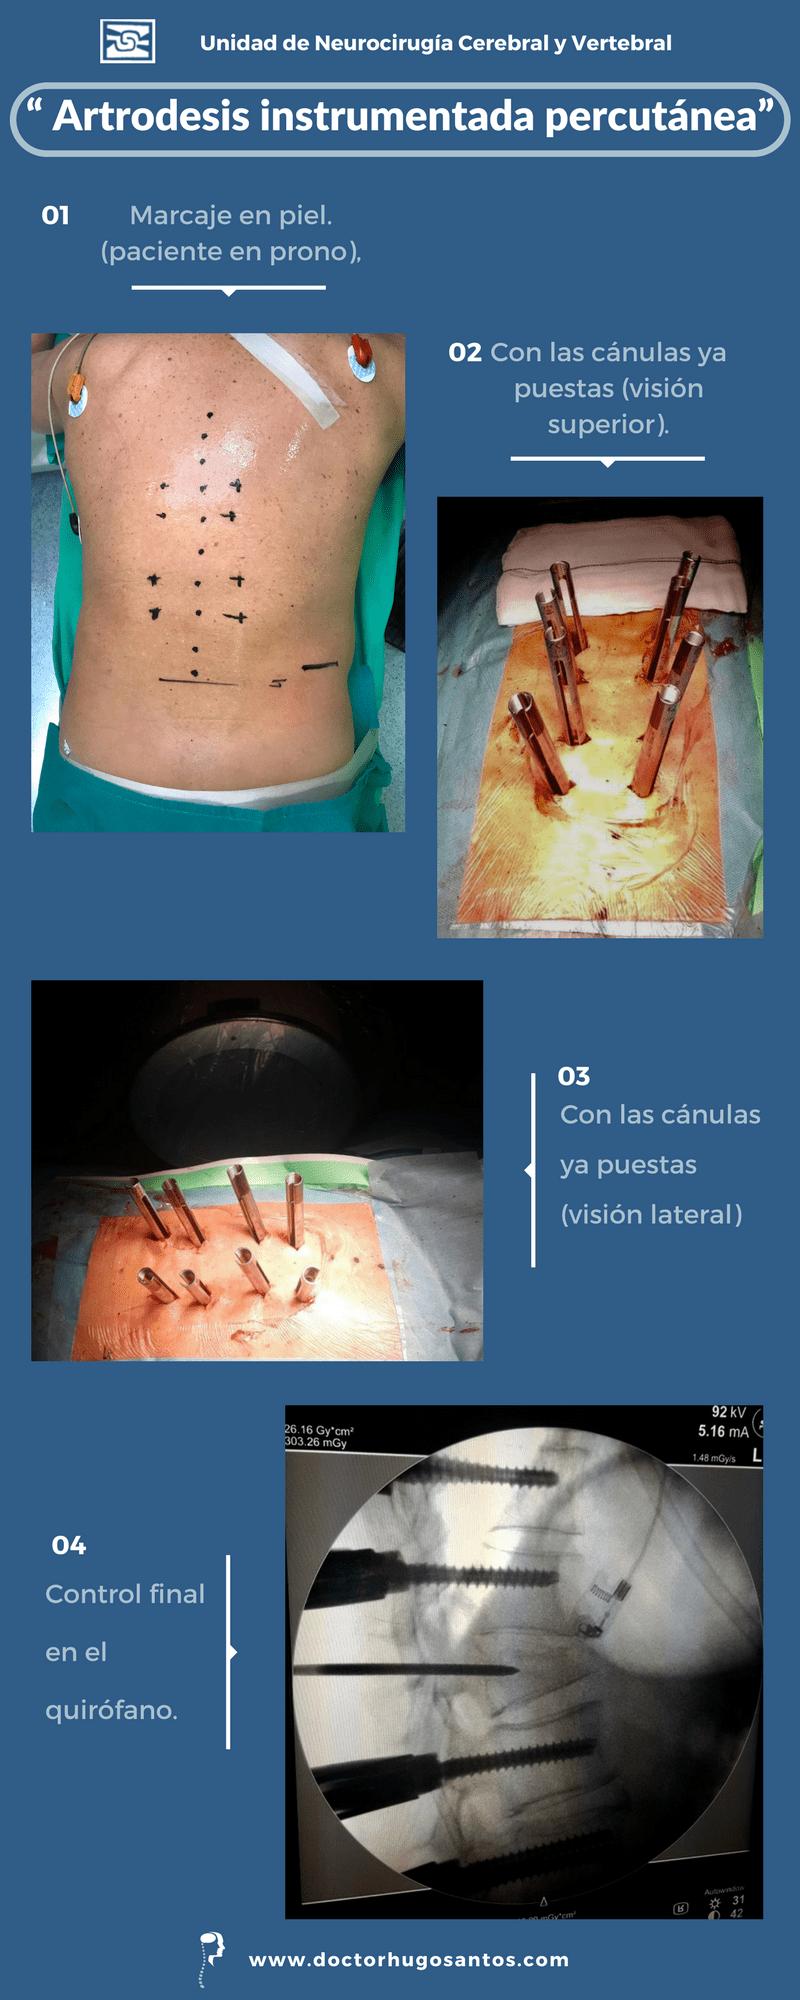 artrodesis instrumentada percutánea